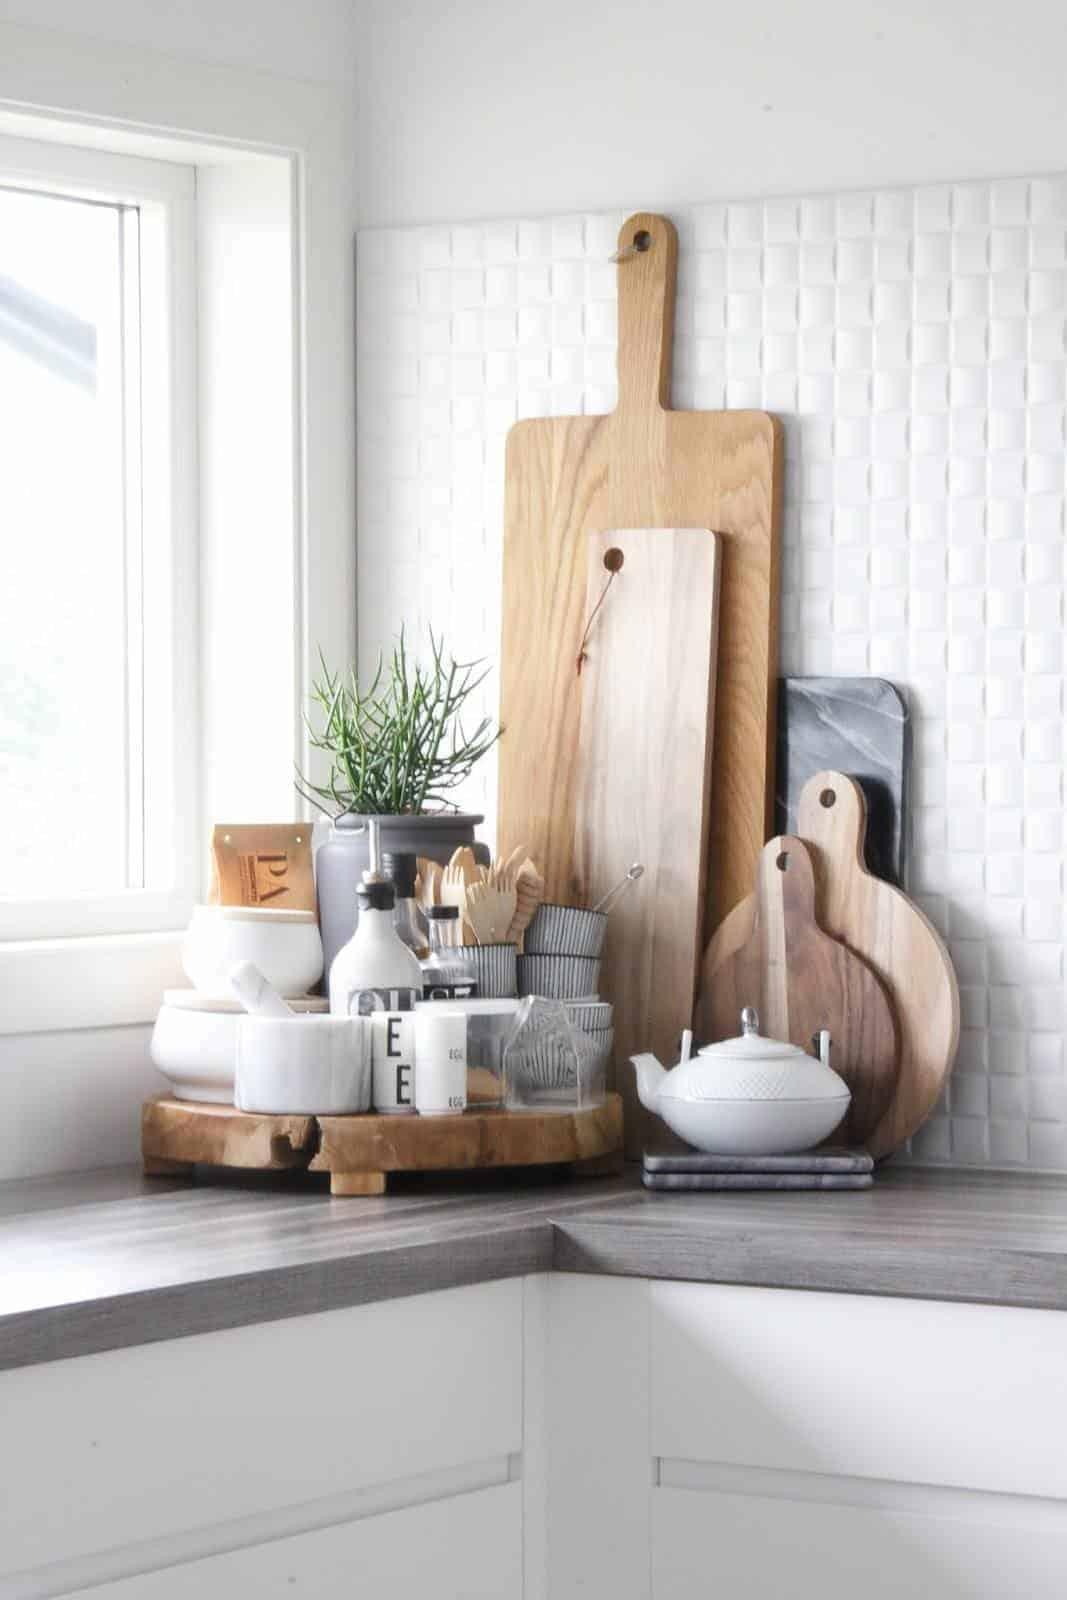 wood-cutting-board-decoration